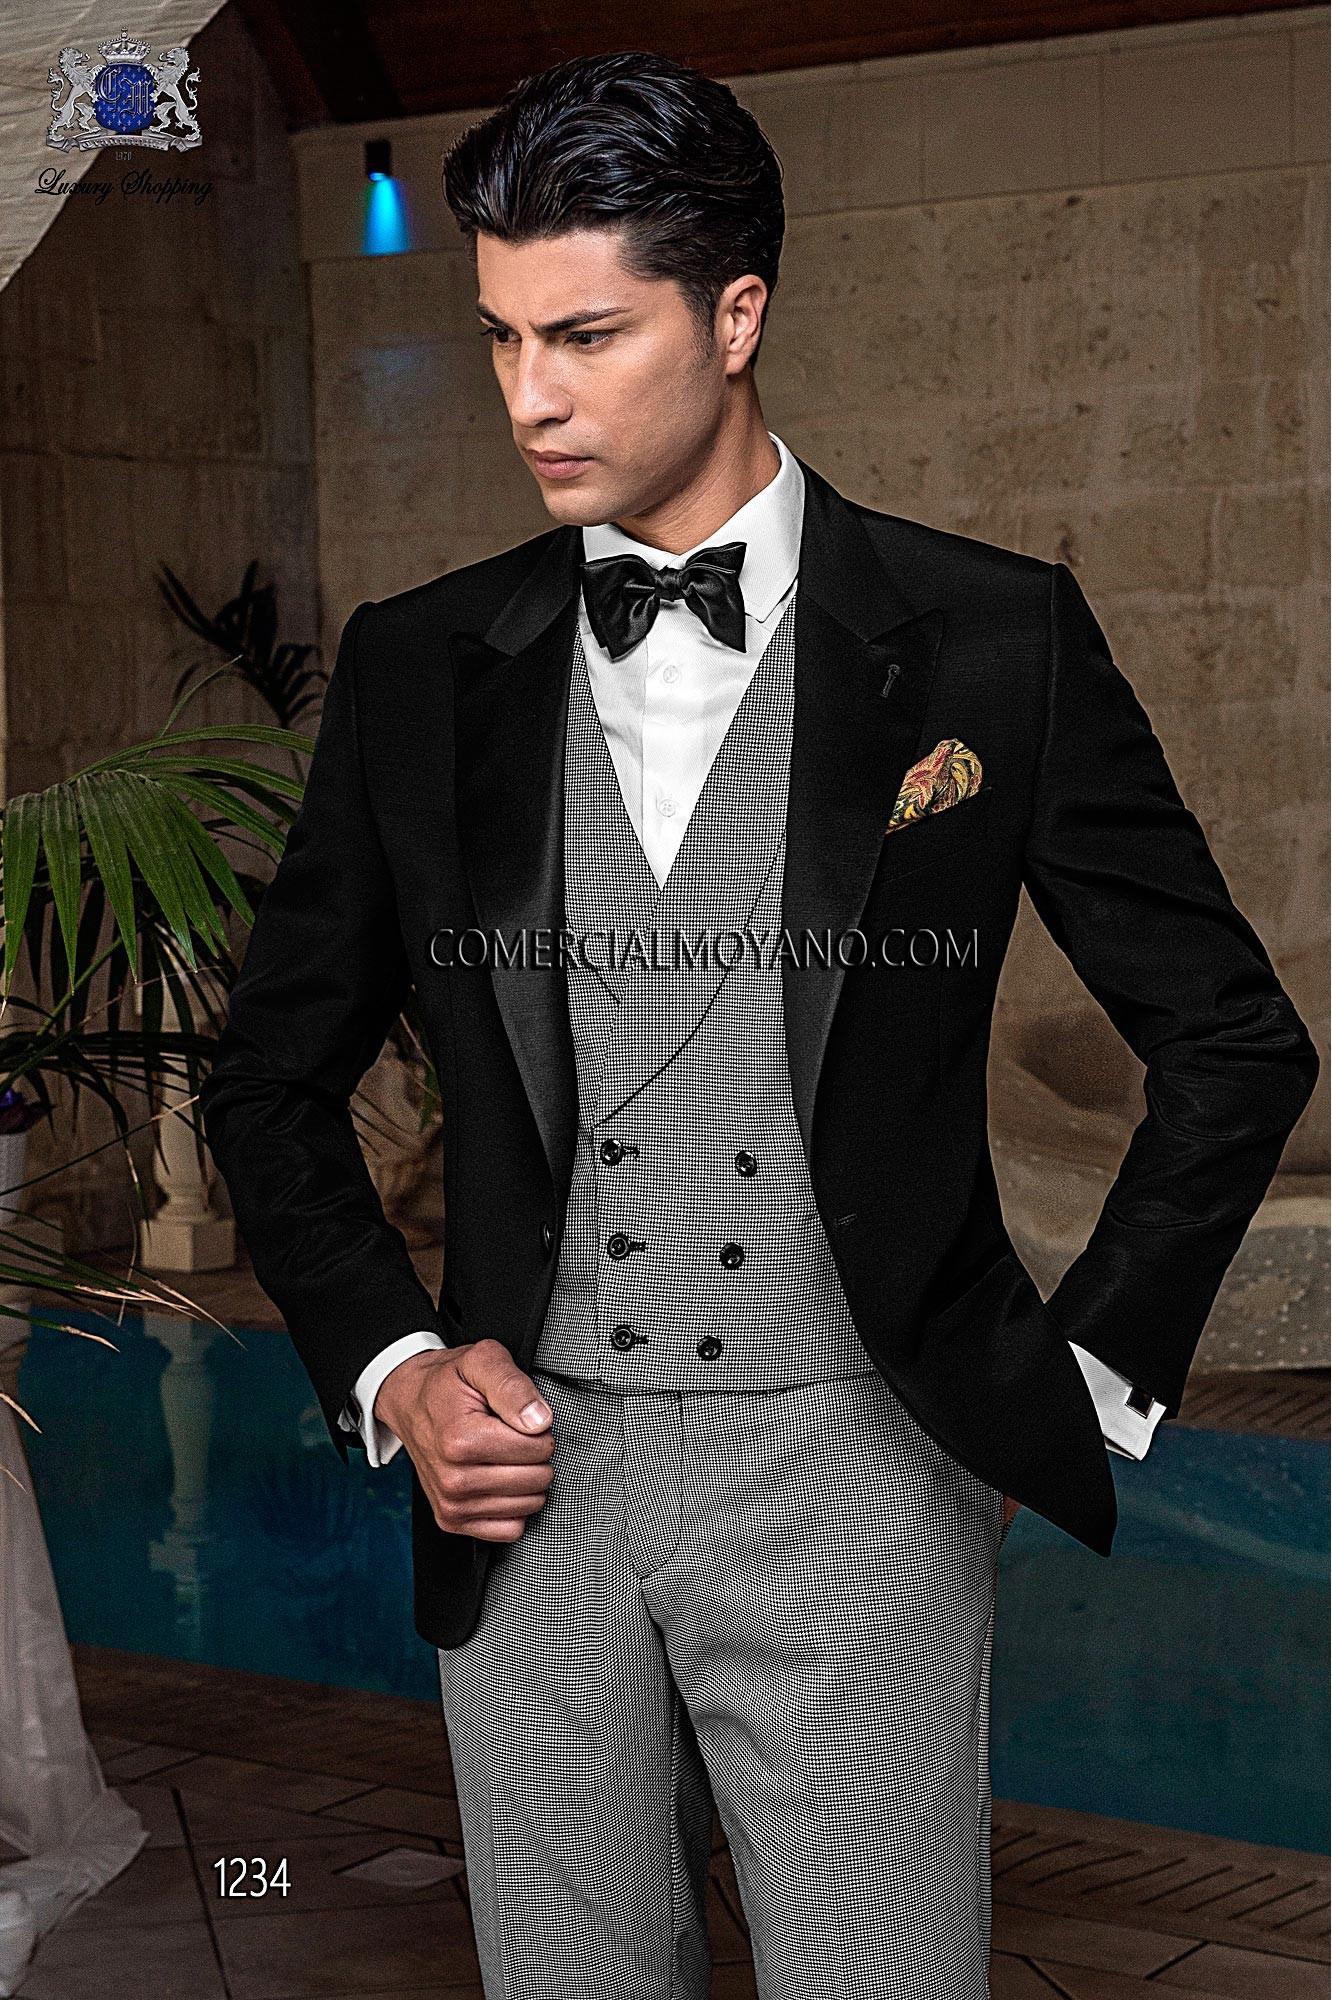 Traje de novio esmoquin italiano a medida negro en tejido new performance con pantalón y chaleco pata de gallo, modelo 1234 Ottavio Nuccio Gala colección Black Tie 2015.